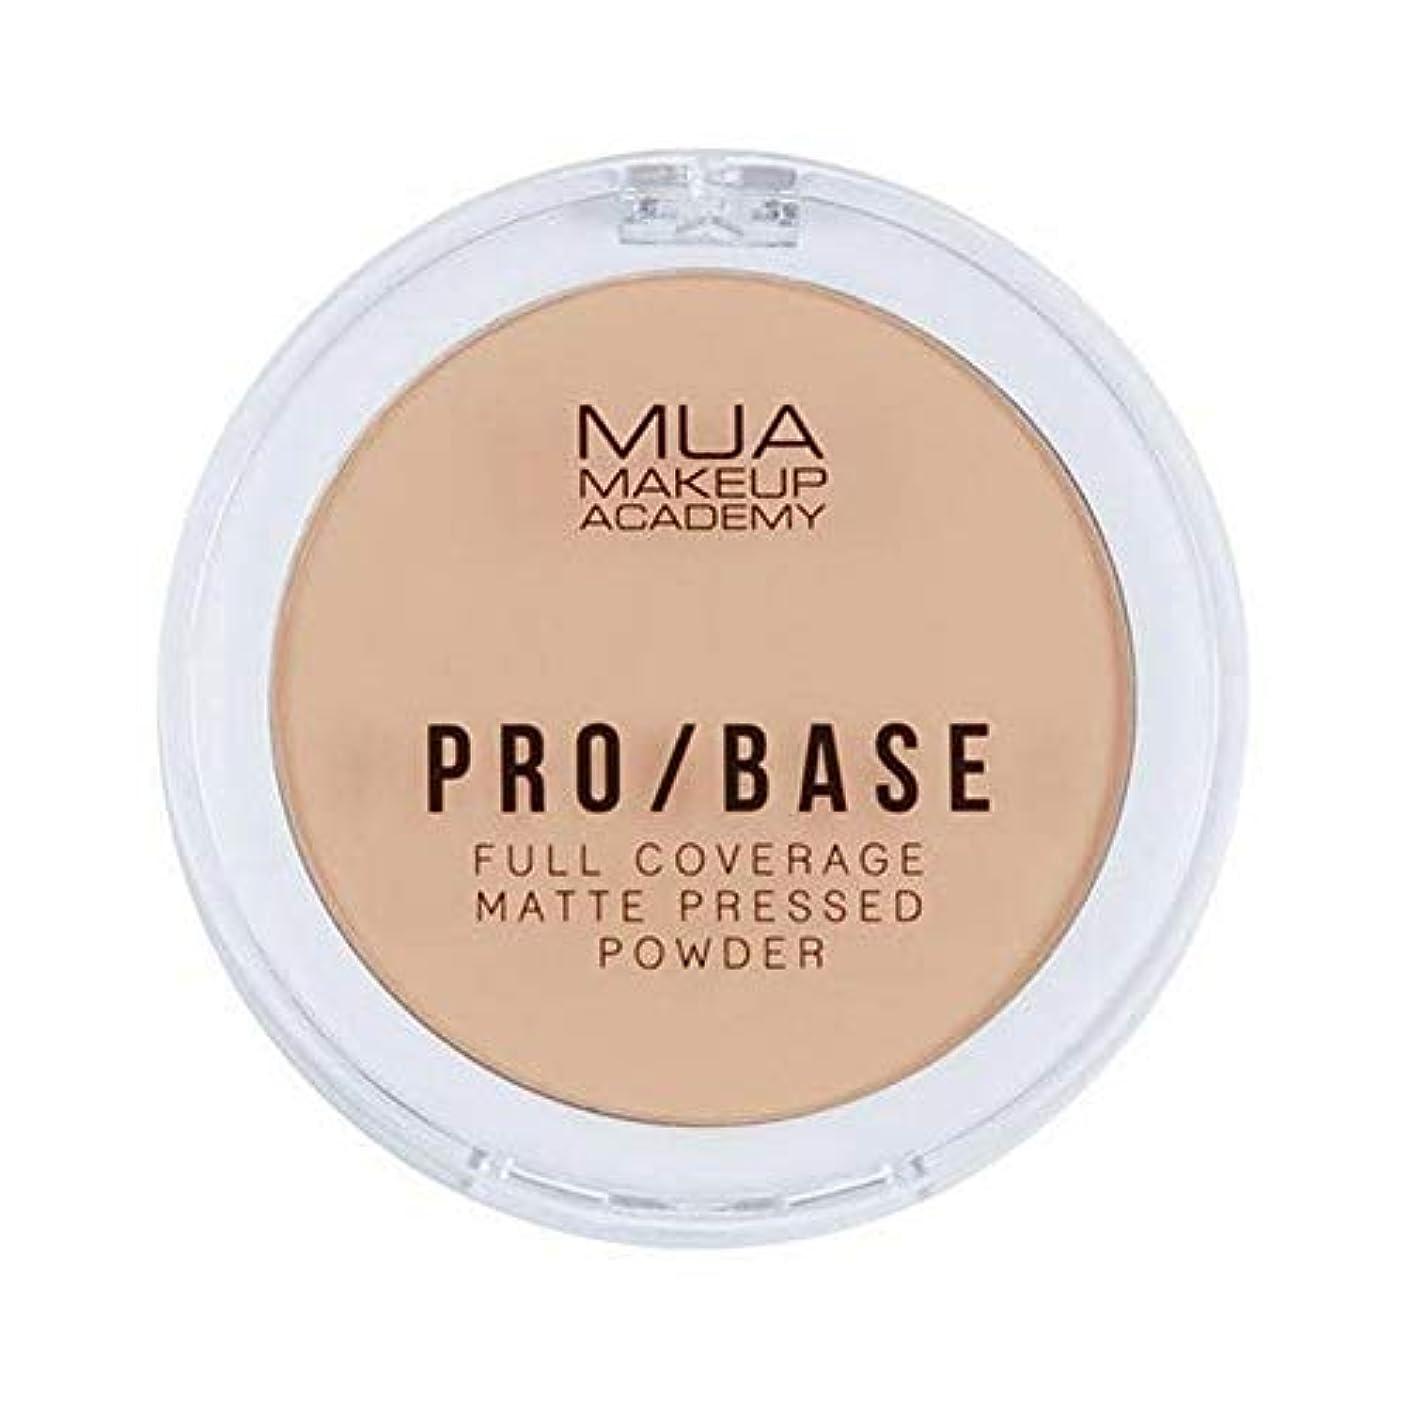 鳴り響く言い換えると離す[MUA] Muaプロ/ベースのフルカバレッジマットパウダー#130 - MUA Pro/Base Full Coverage Matte Powder #130 [並行輸入品]